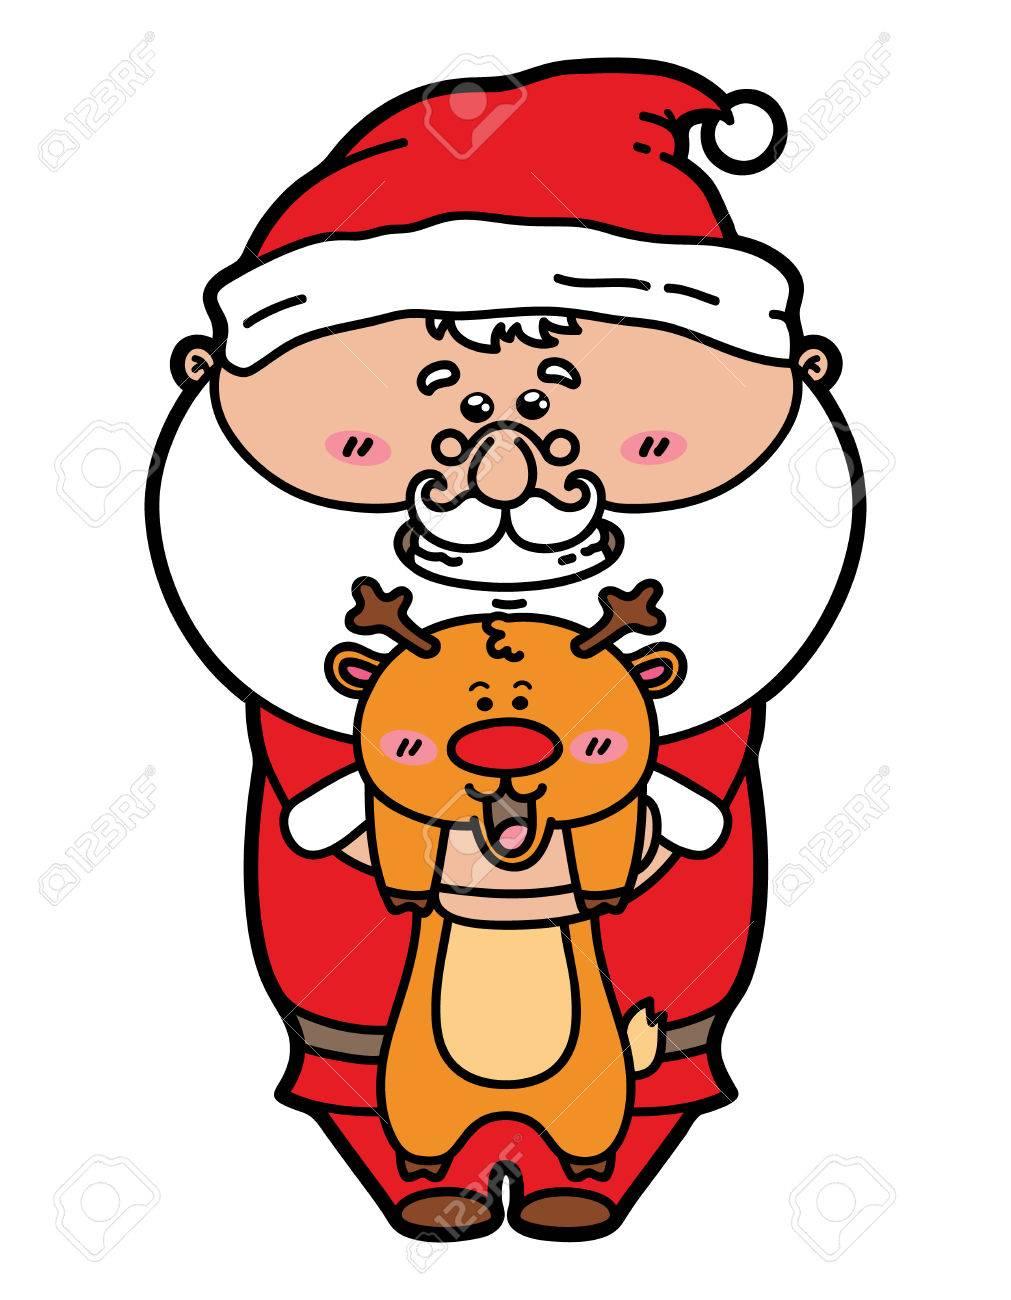 Immagini Natalizie Kawaii.Vettoriale Divertente Babbo Natale E Cervi Illustrazione